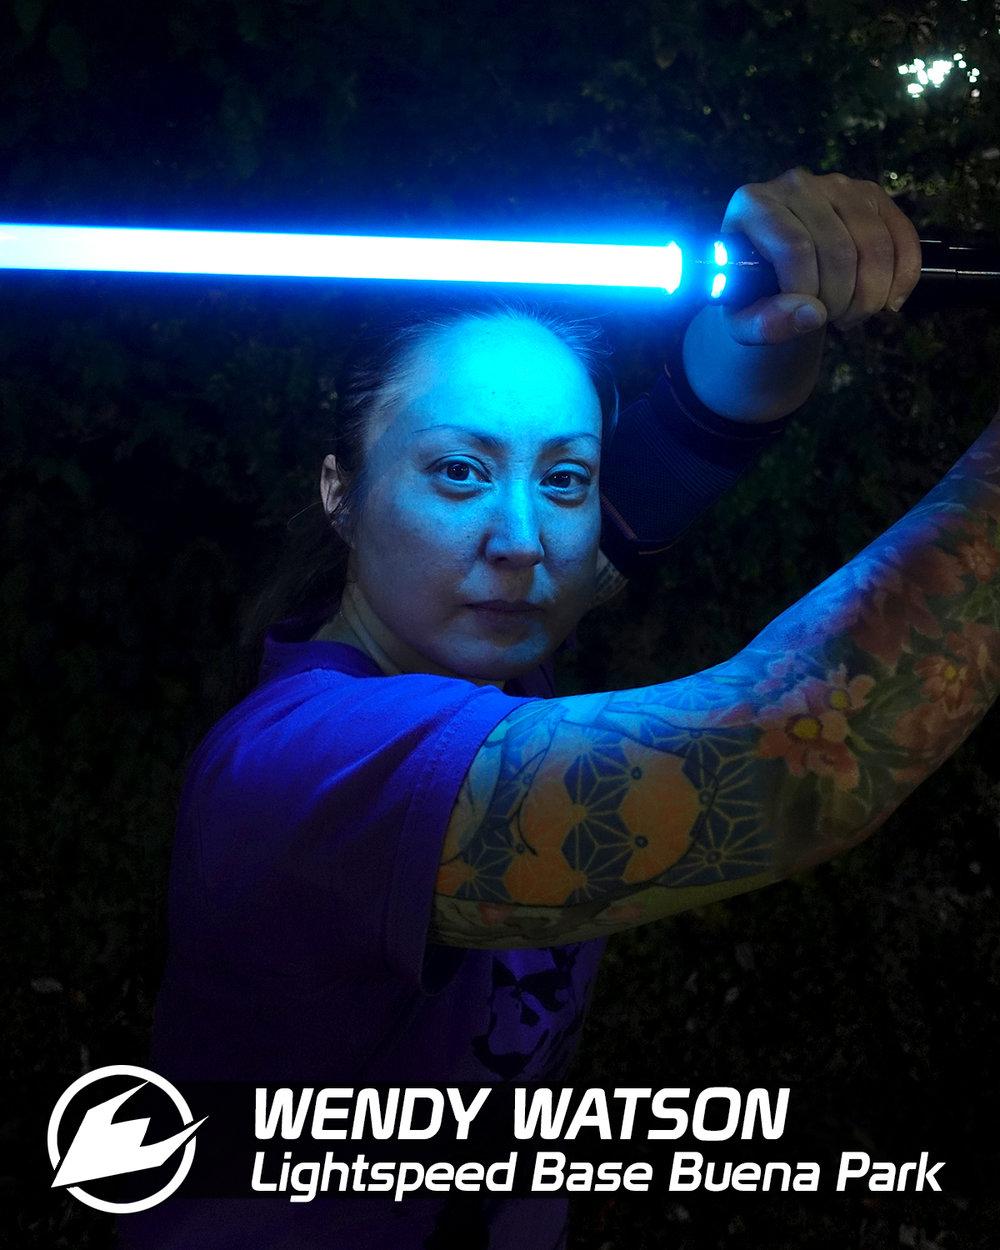 WendyWatson180901.jpg